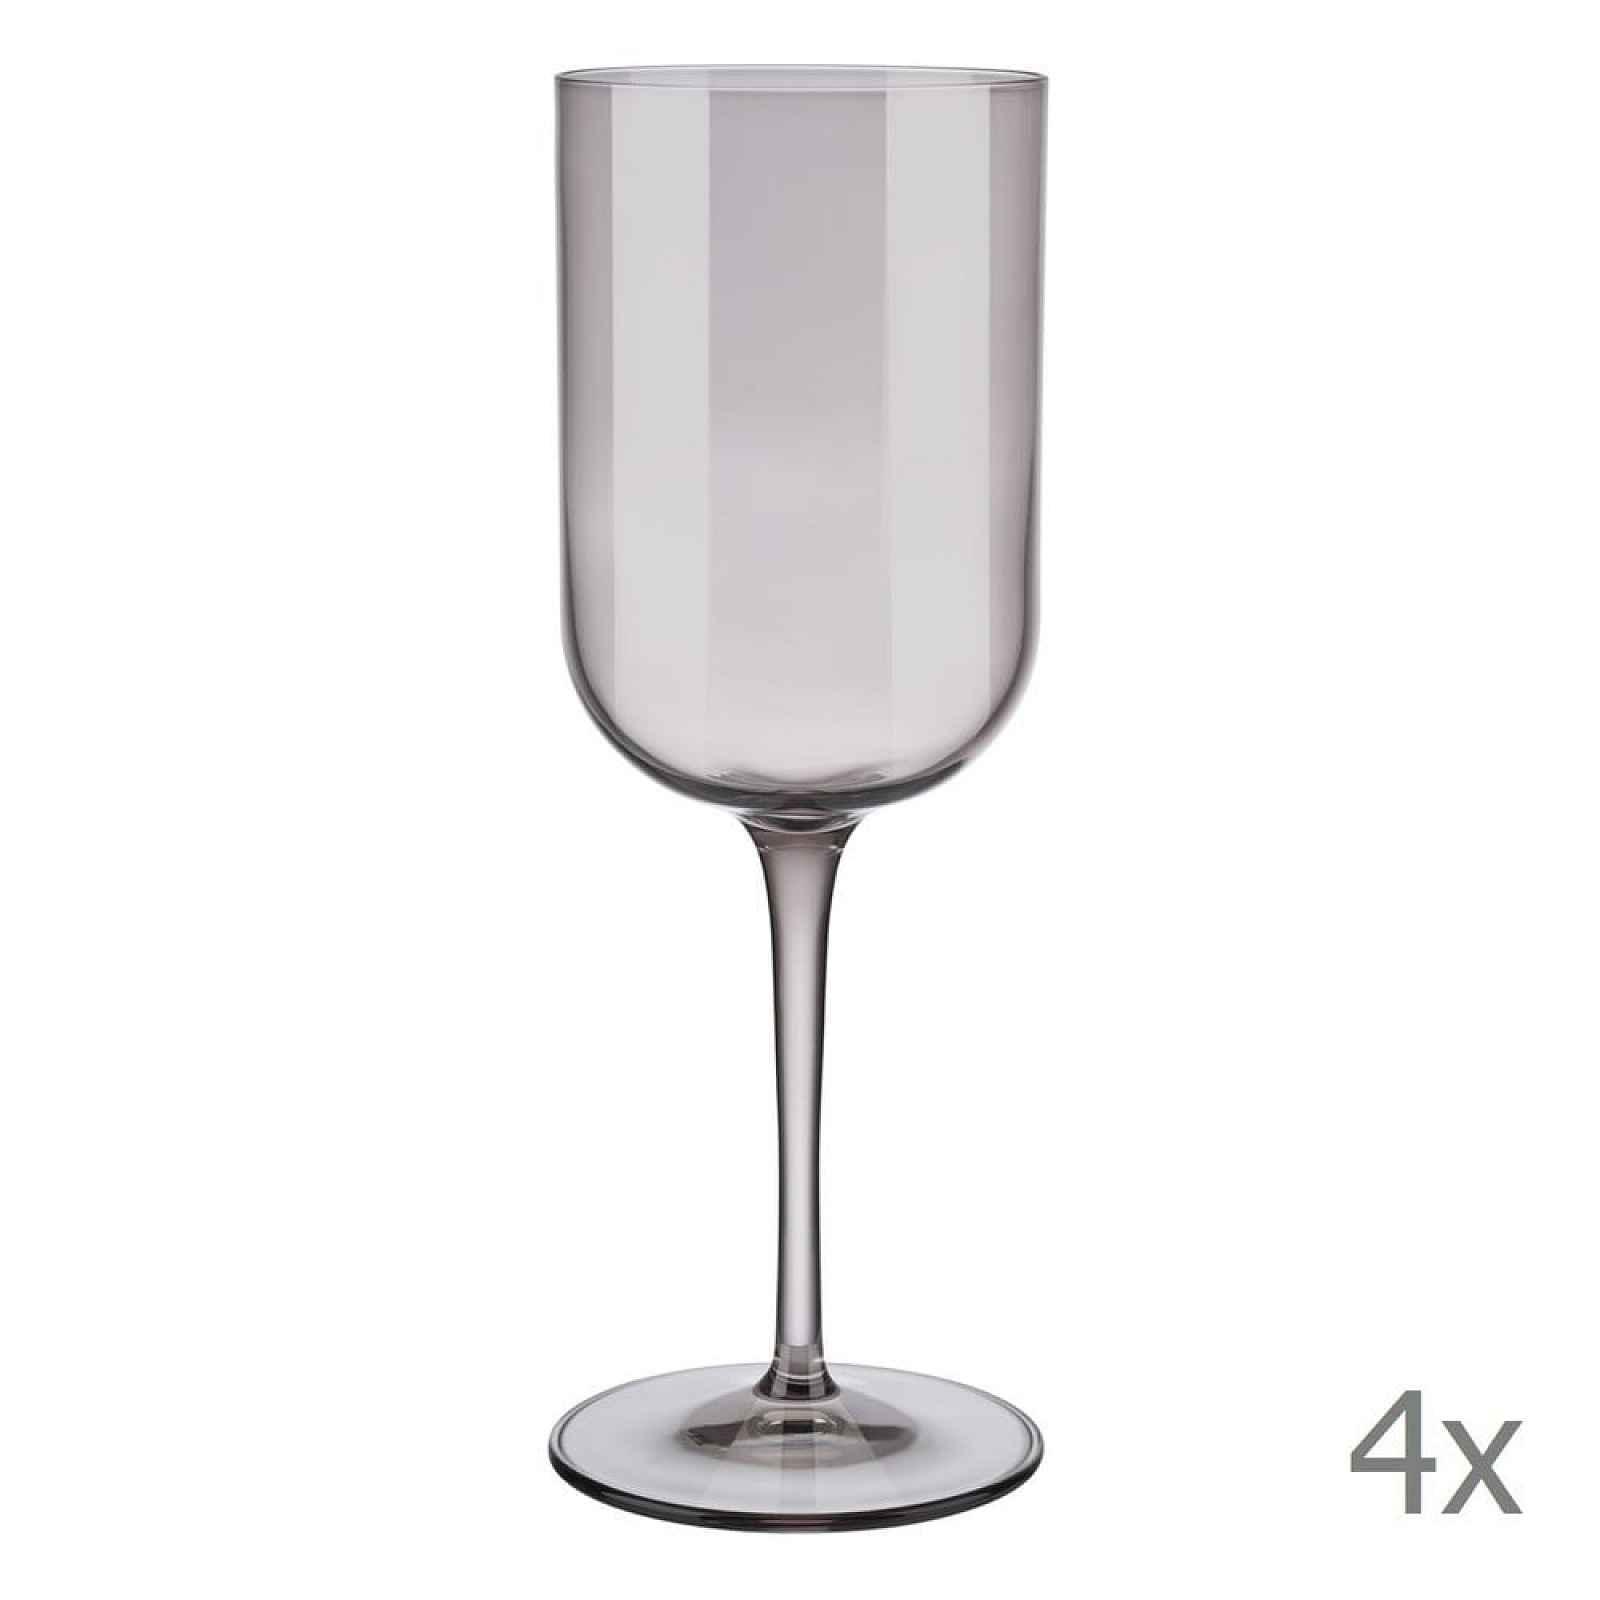 Sada 4 fialových sklenic na červené víno Blomus Mira, 400 ml